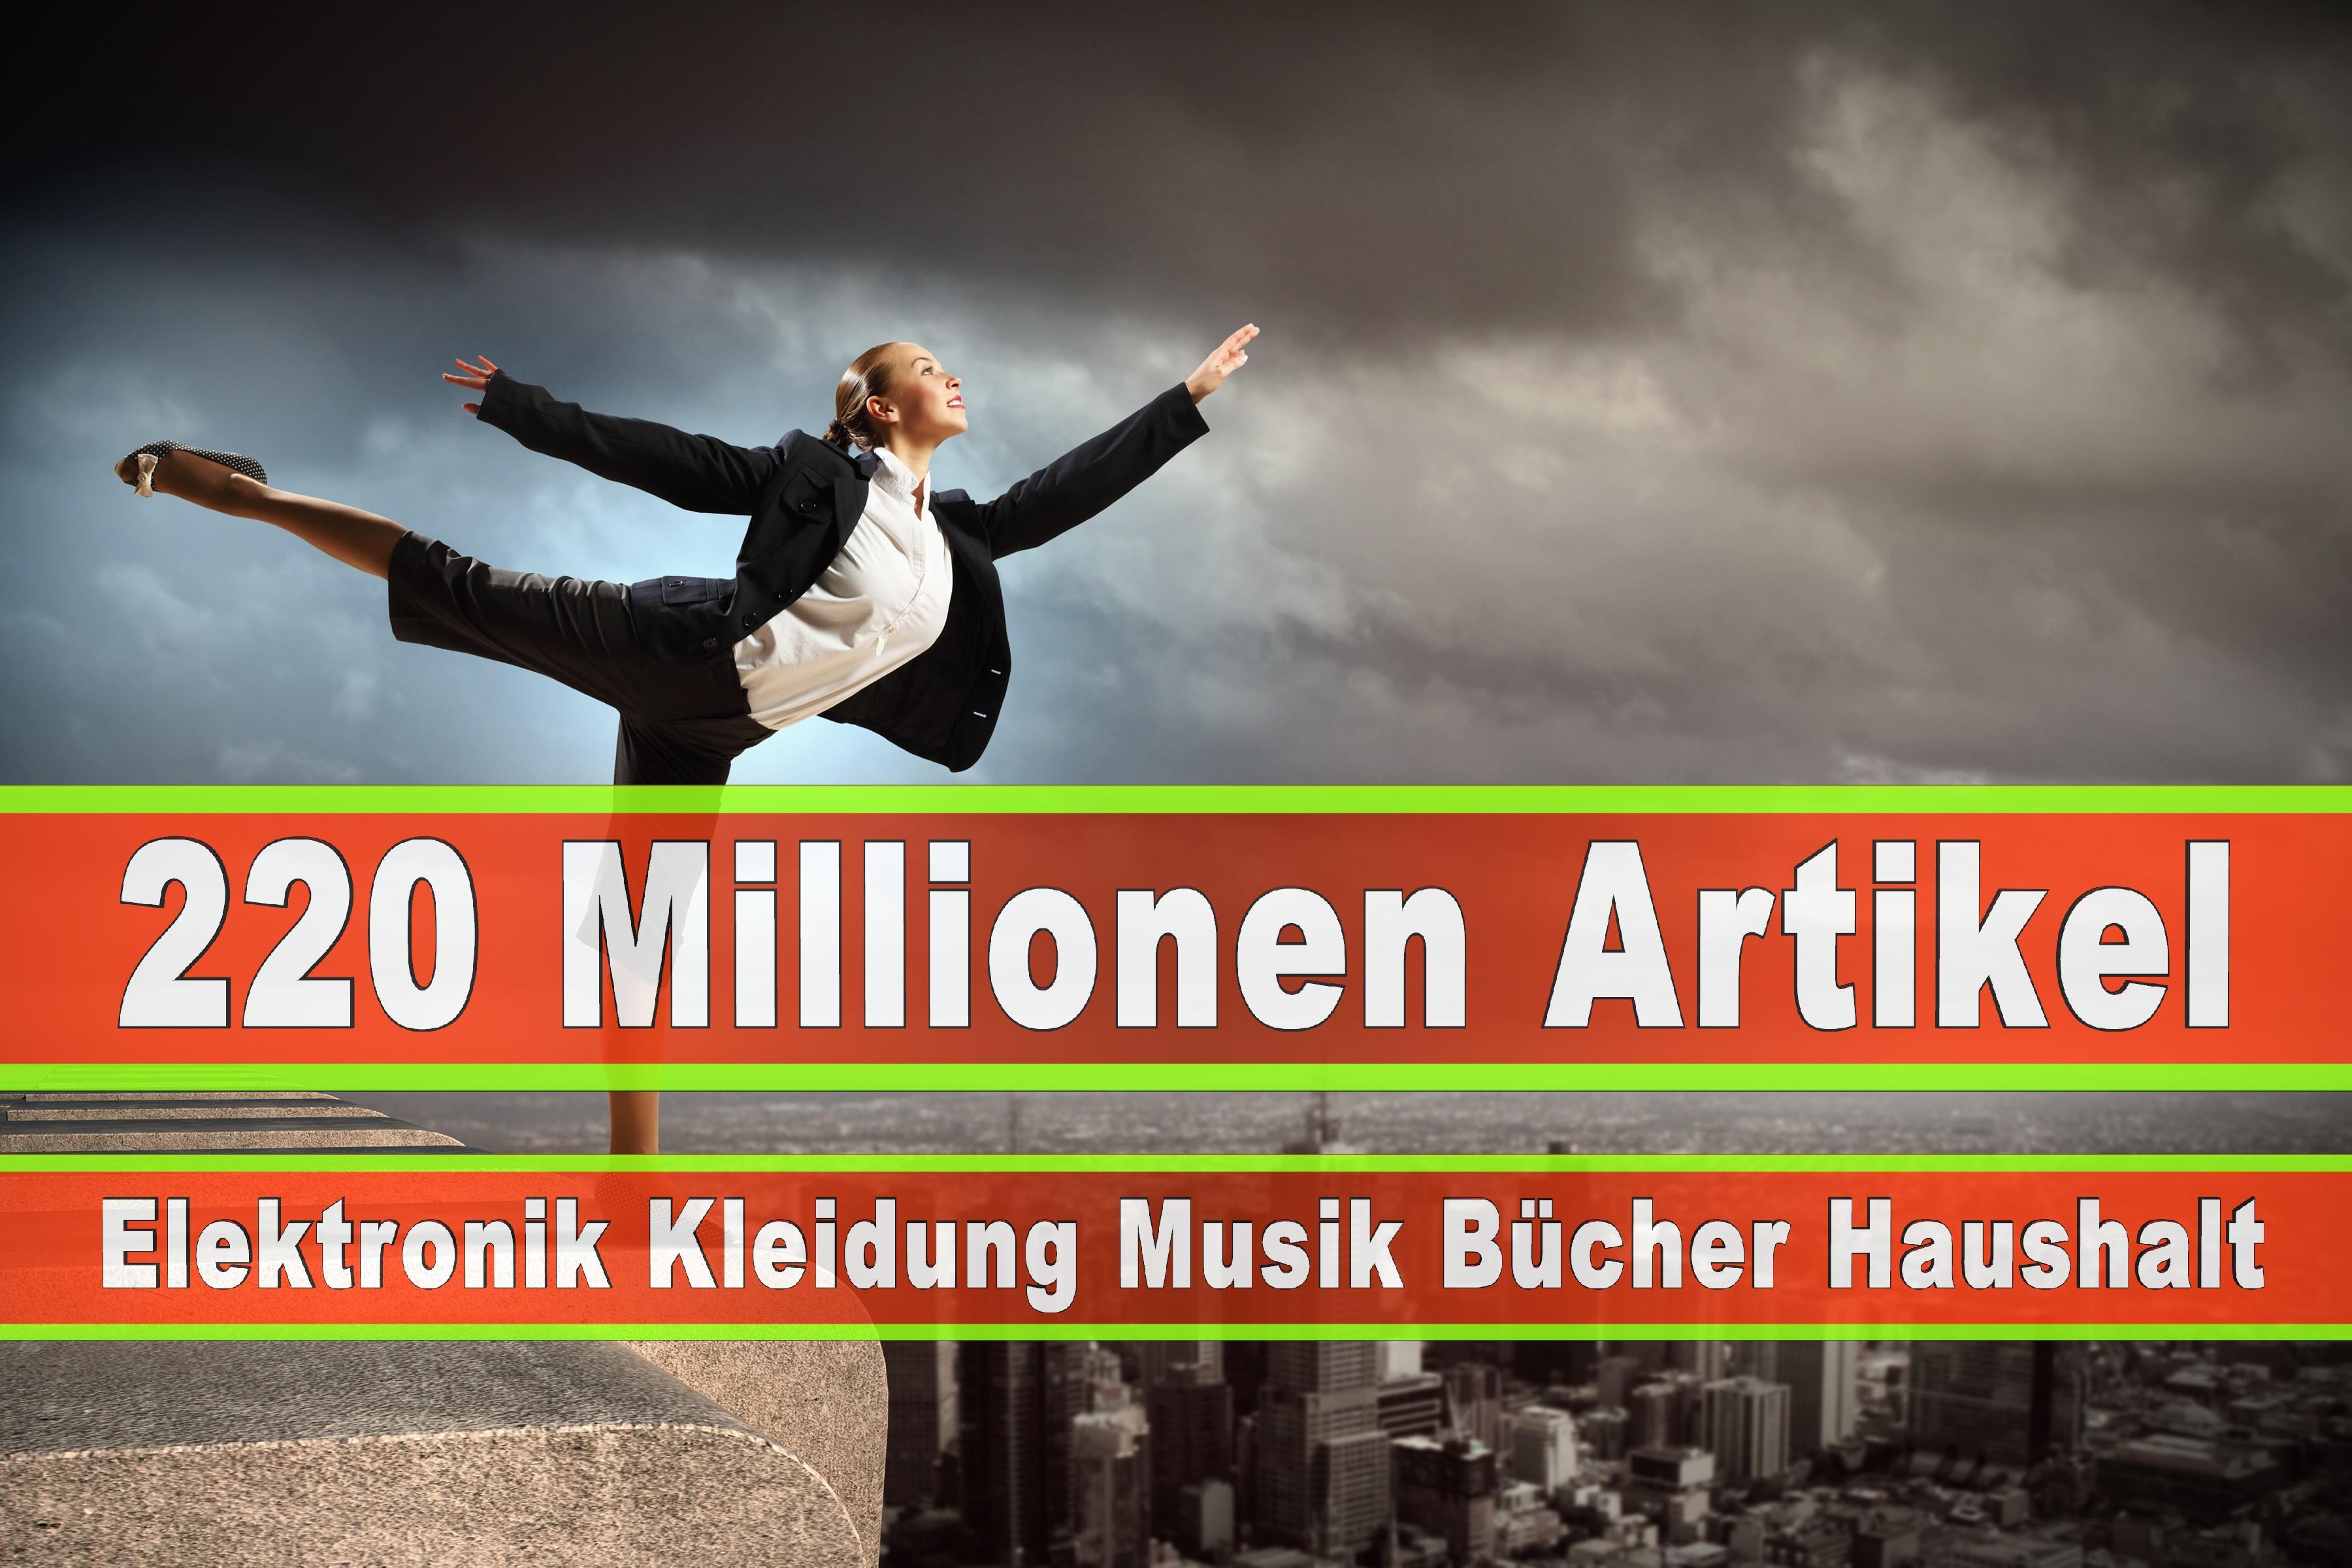 Amazon Elektronik Musik Haushalt Bücher CD DVD Handys Smartphones TV Television Fernseher Kleidung Mode Ebay Versandhaus (158)